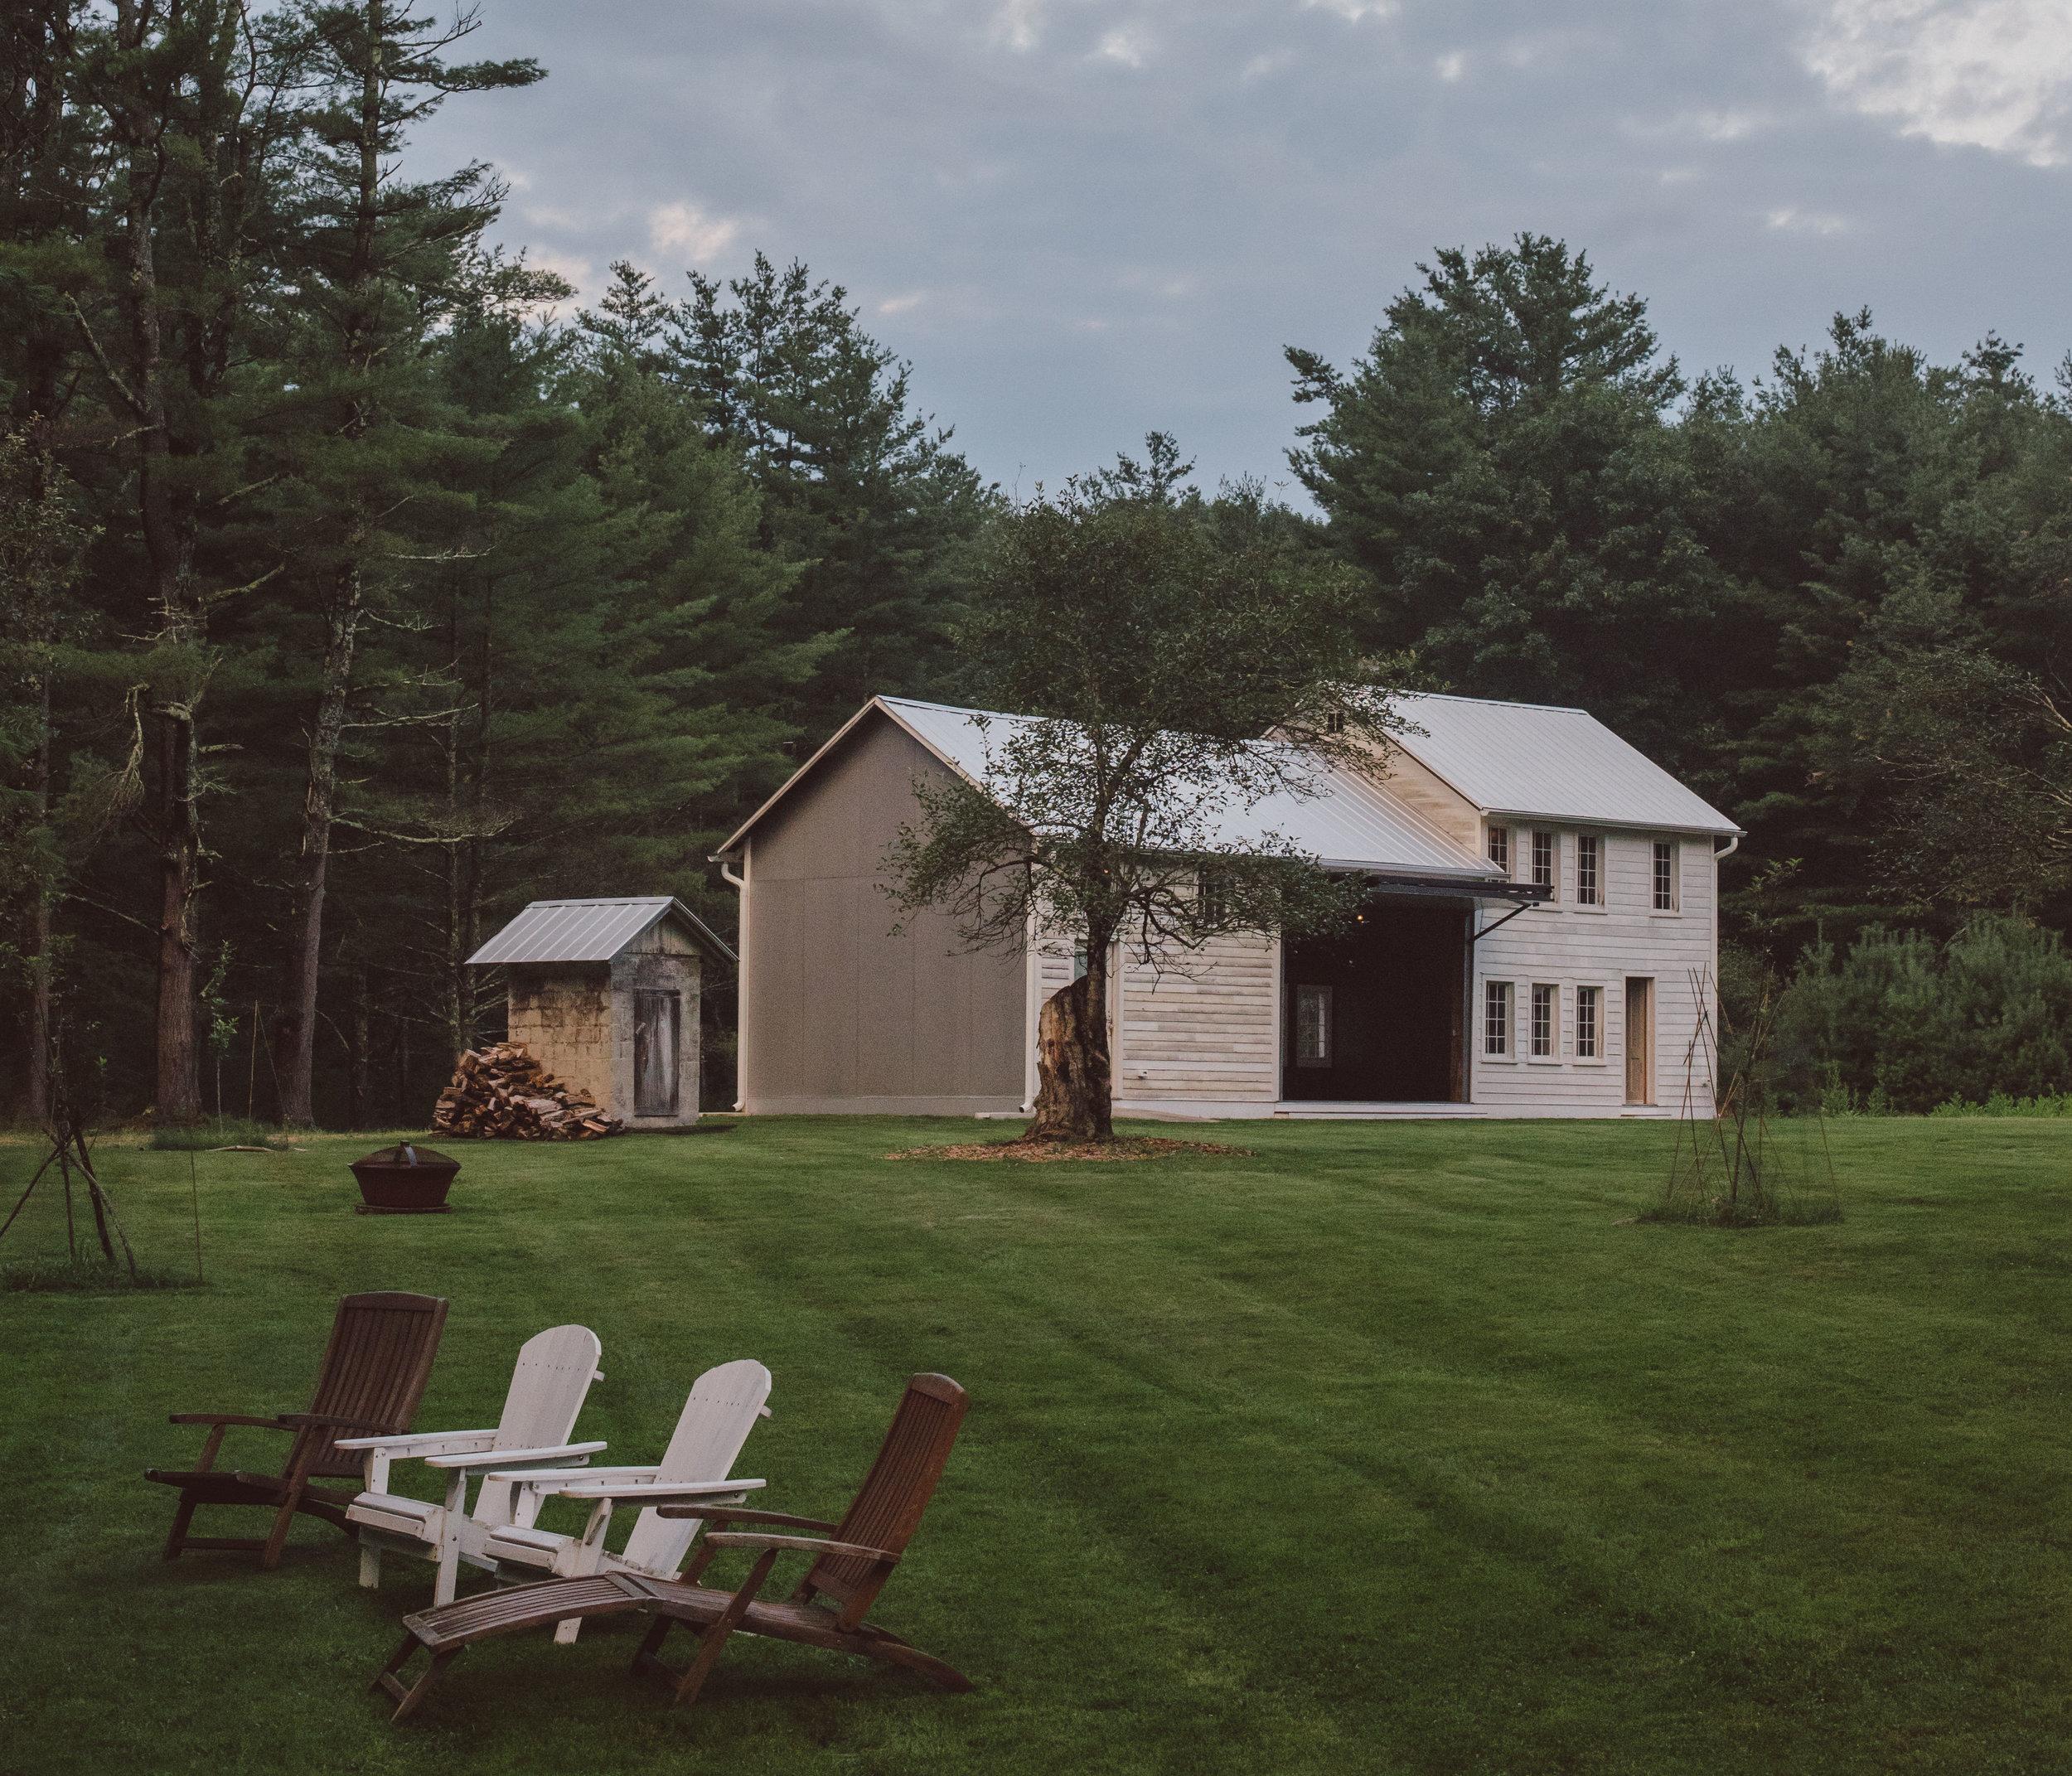 Floating-Farmhouse-Summer-2018-Content-Barn-Stills-Lawrence-Braun-0001-0020.jpg